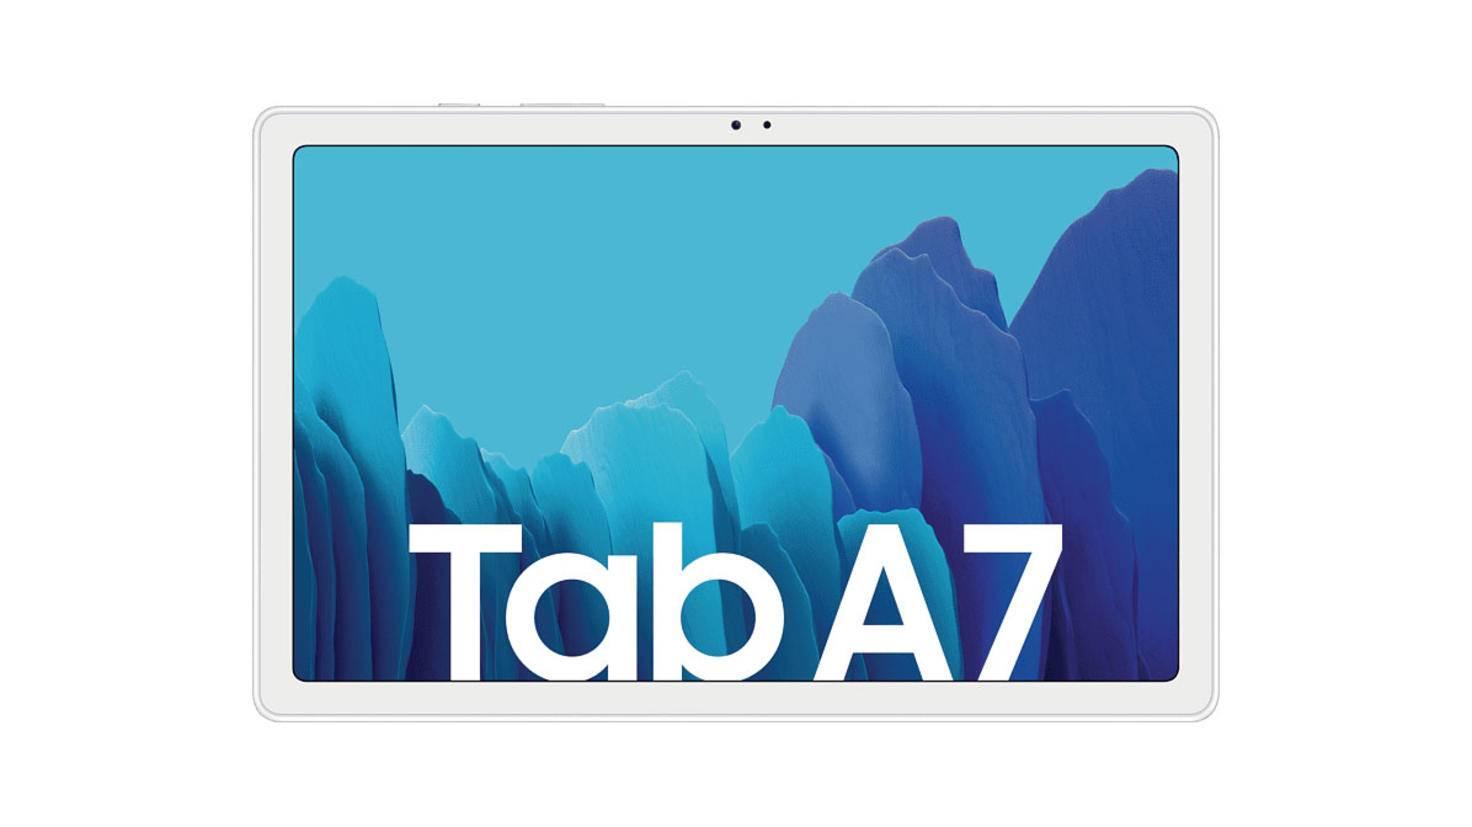 galaxy-tab-a7